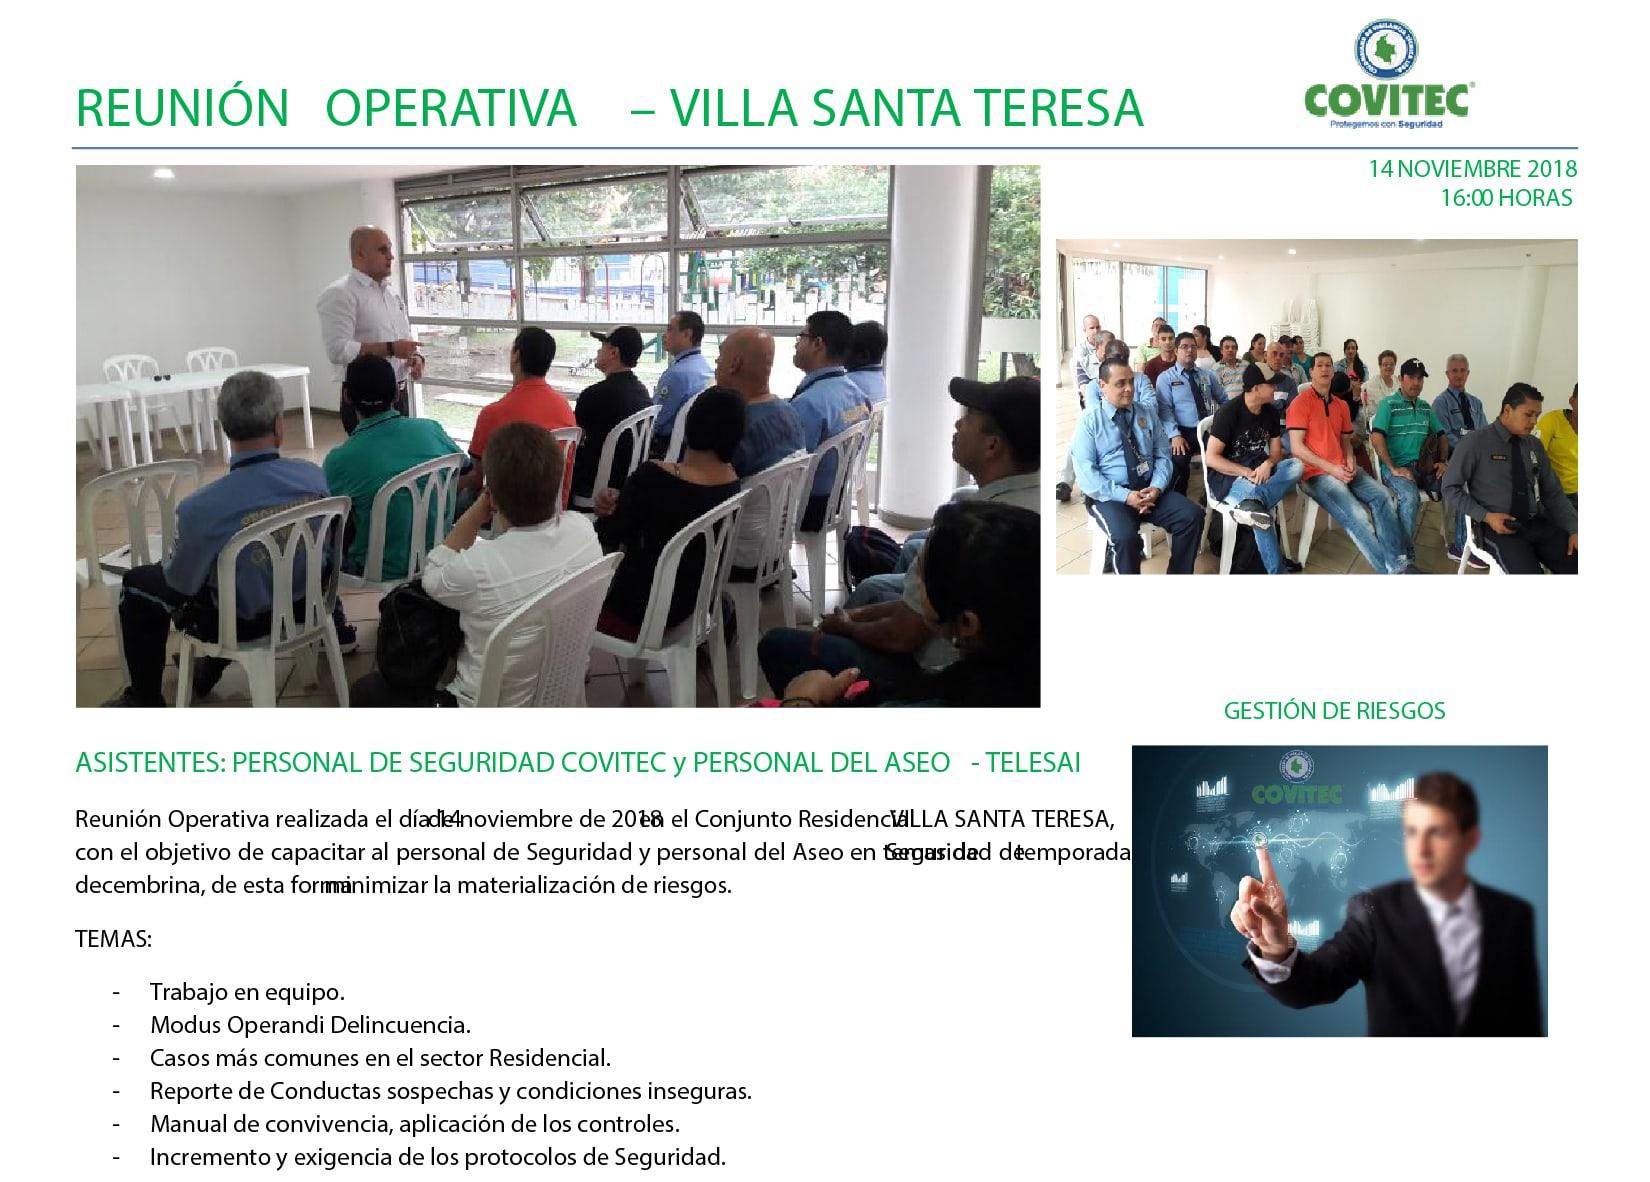 CAPACITACIÓN Temporada Decembrina - VILLA SANTA TERESA - 14 NOV 2018 (2)-01-min_1